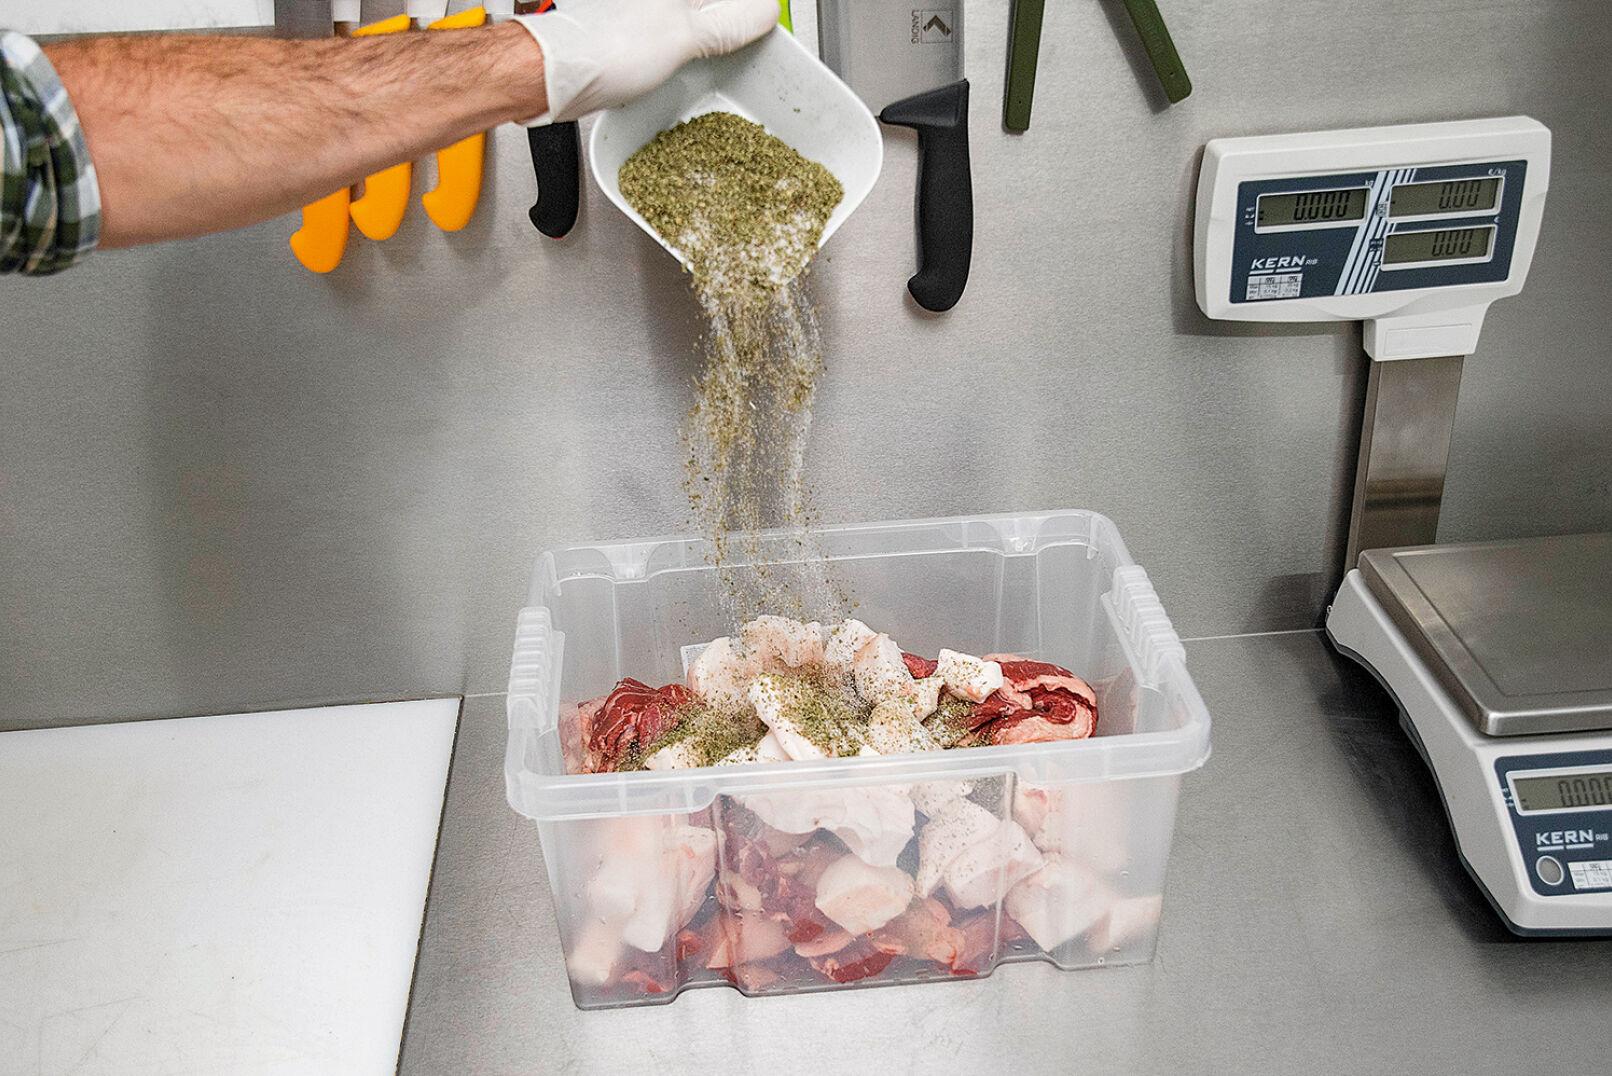 Die Gewürze werden dem Fleisch beigemengt - © Oliver Deck